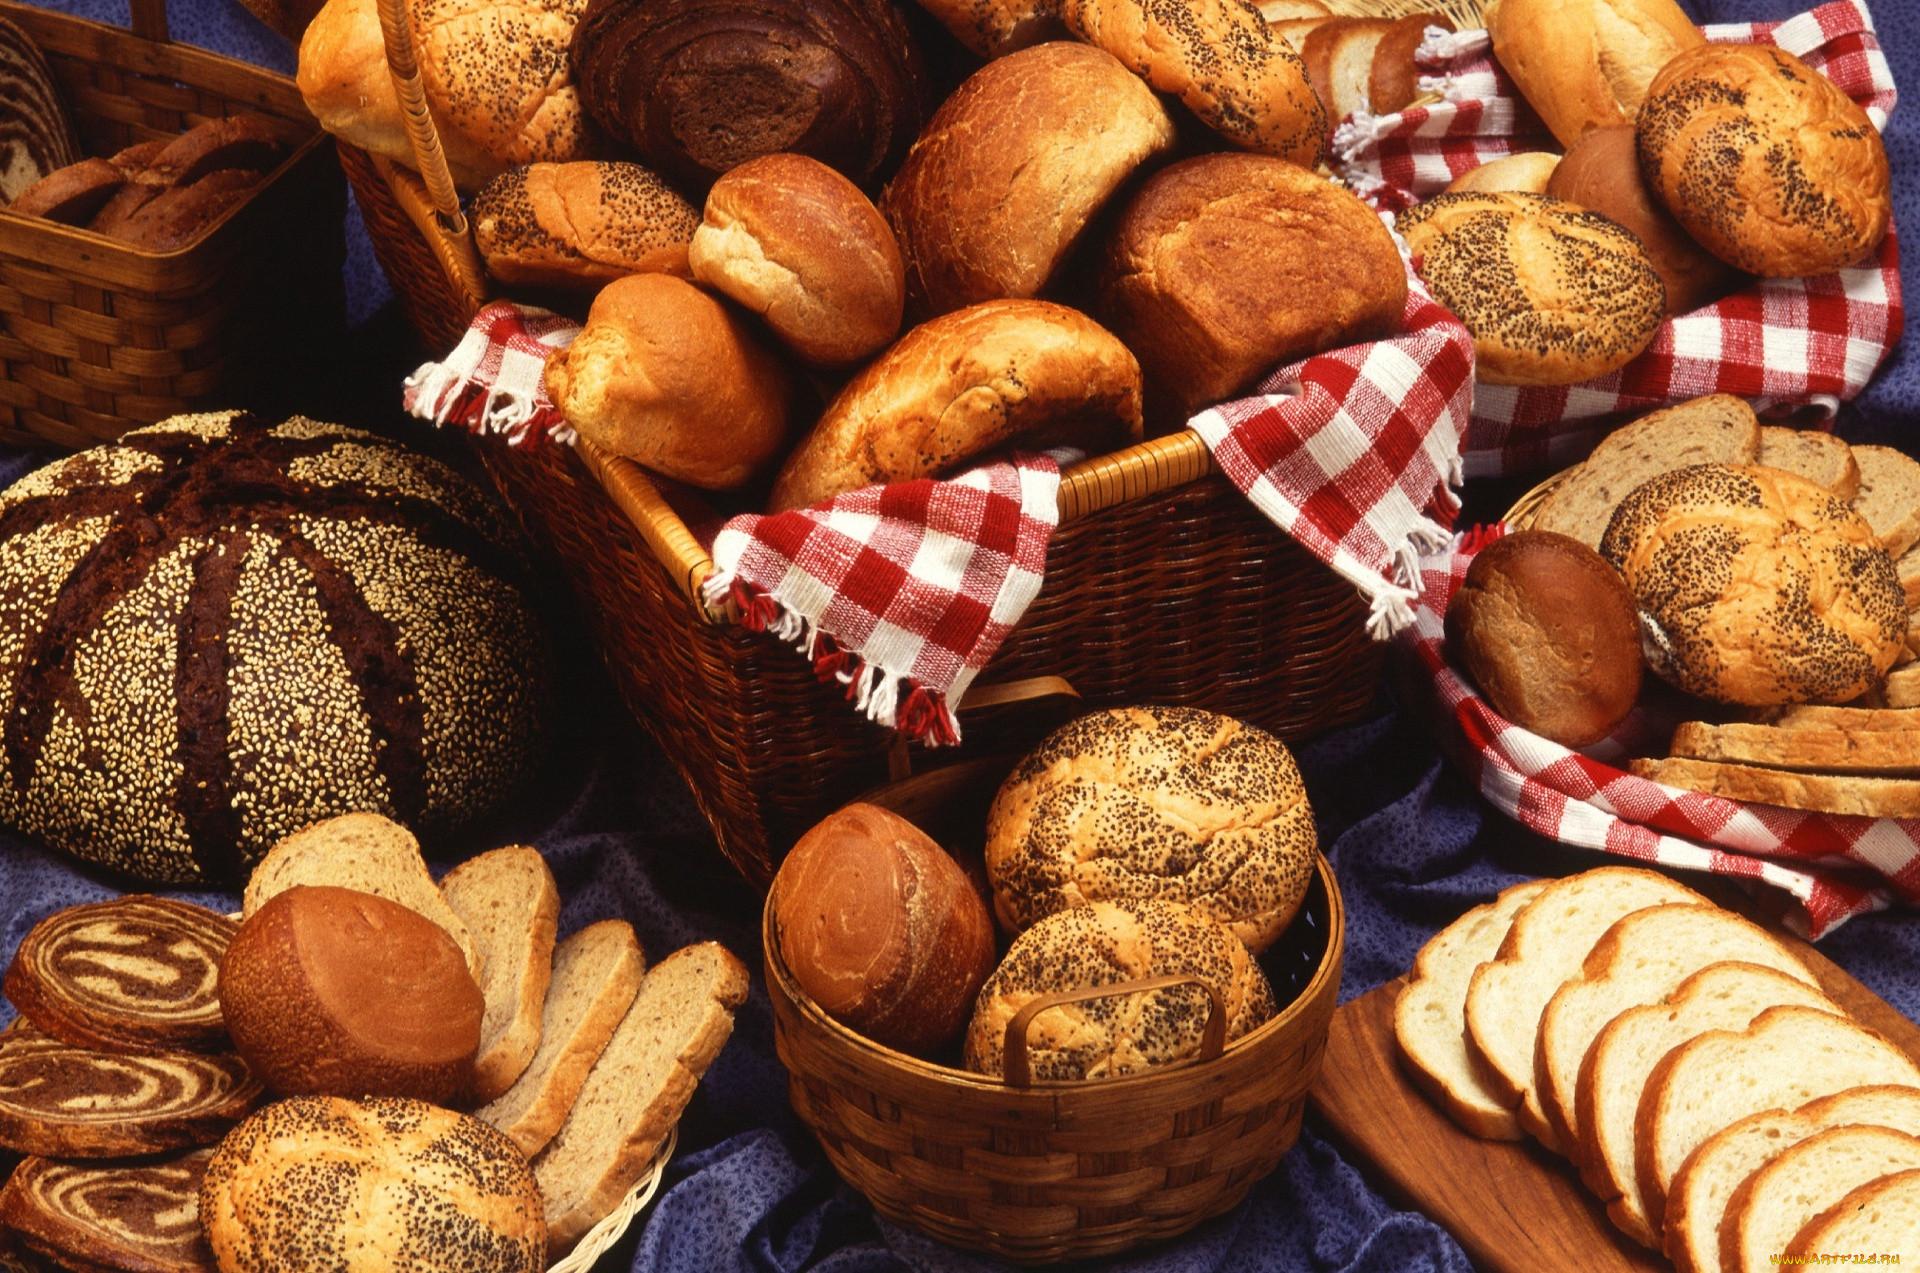 заблуждение людей, картинки хлеба и хлебобулочных изделий фото пренебрегать этими нормами